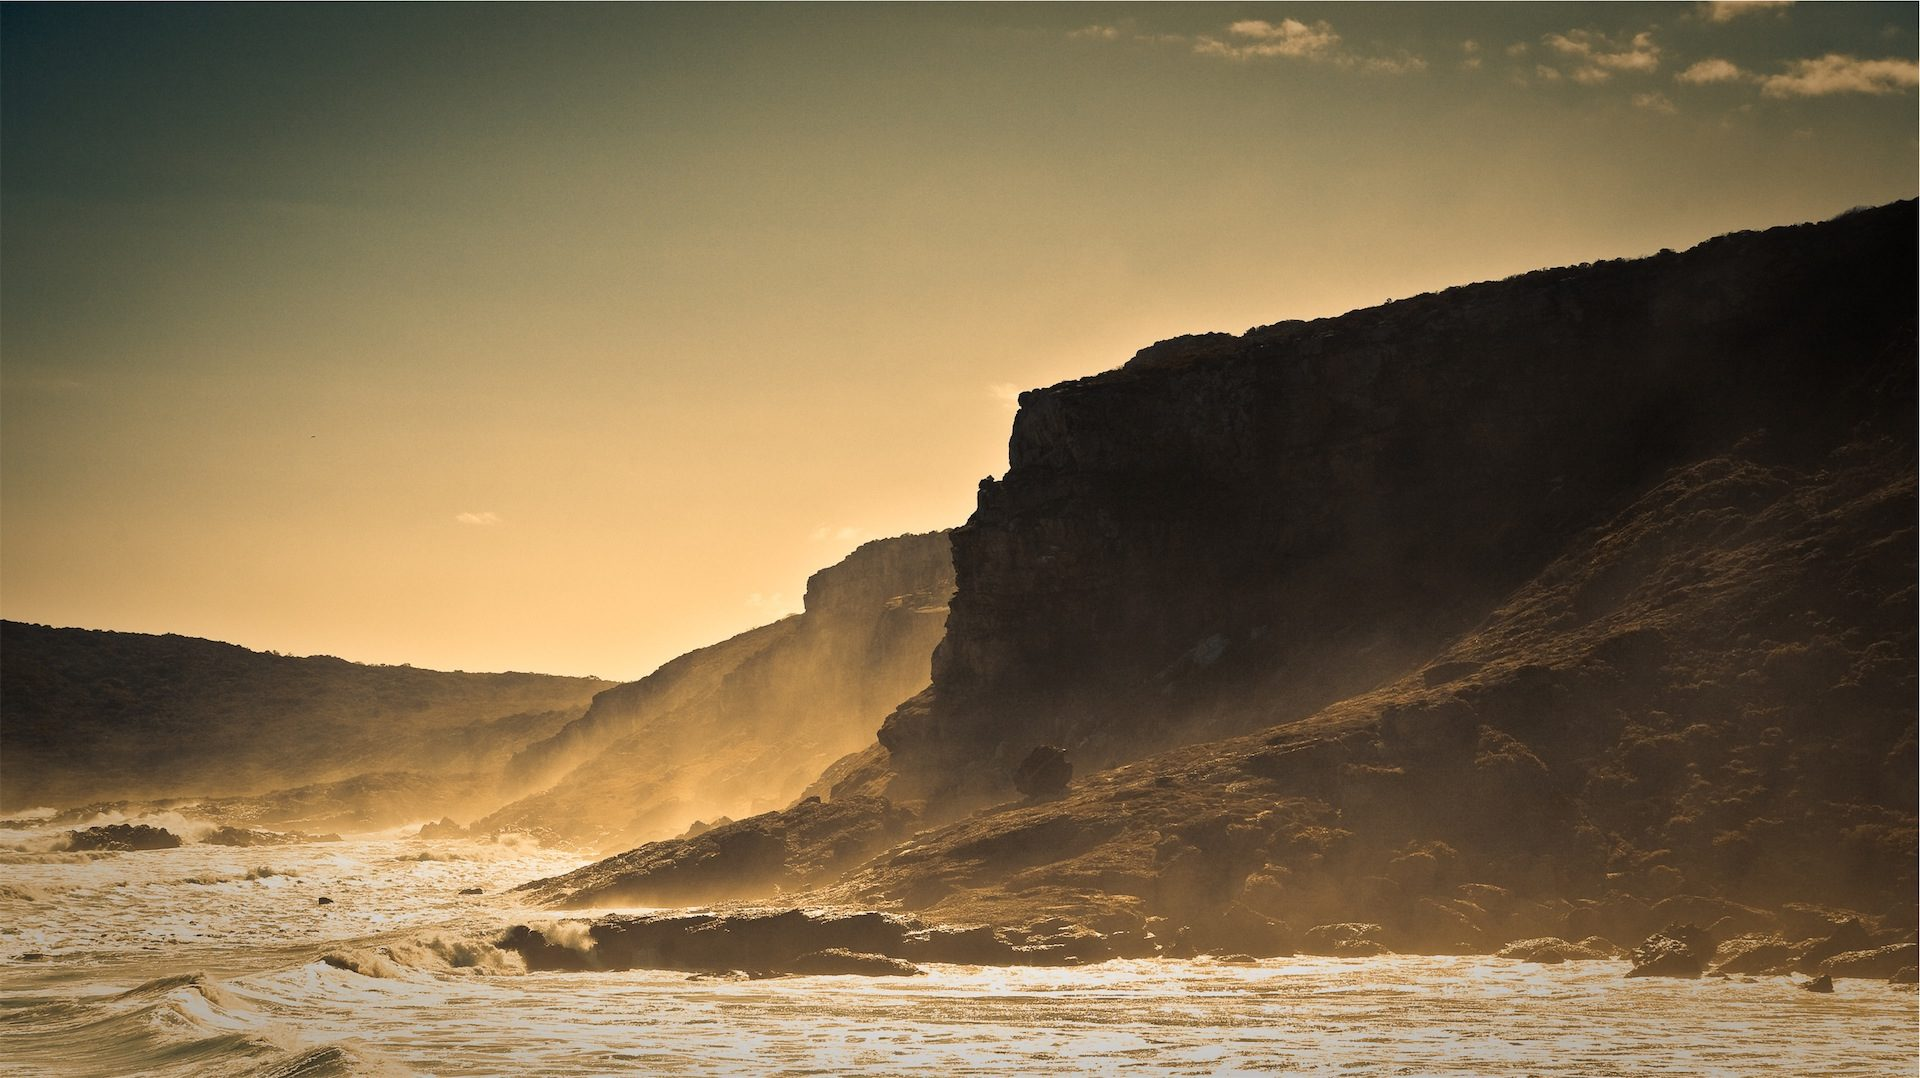 βράχια, κύματα, Θάλασσα, Μπράβο, επικίνδυνες - Wallpapers HD - Professor-falken.com